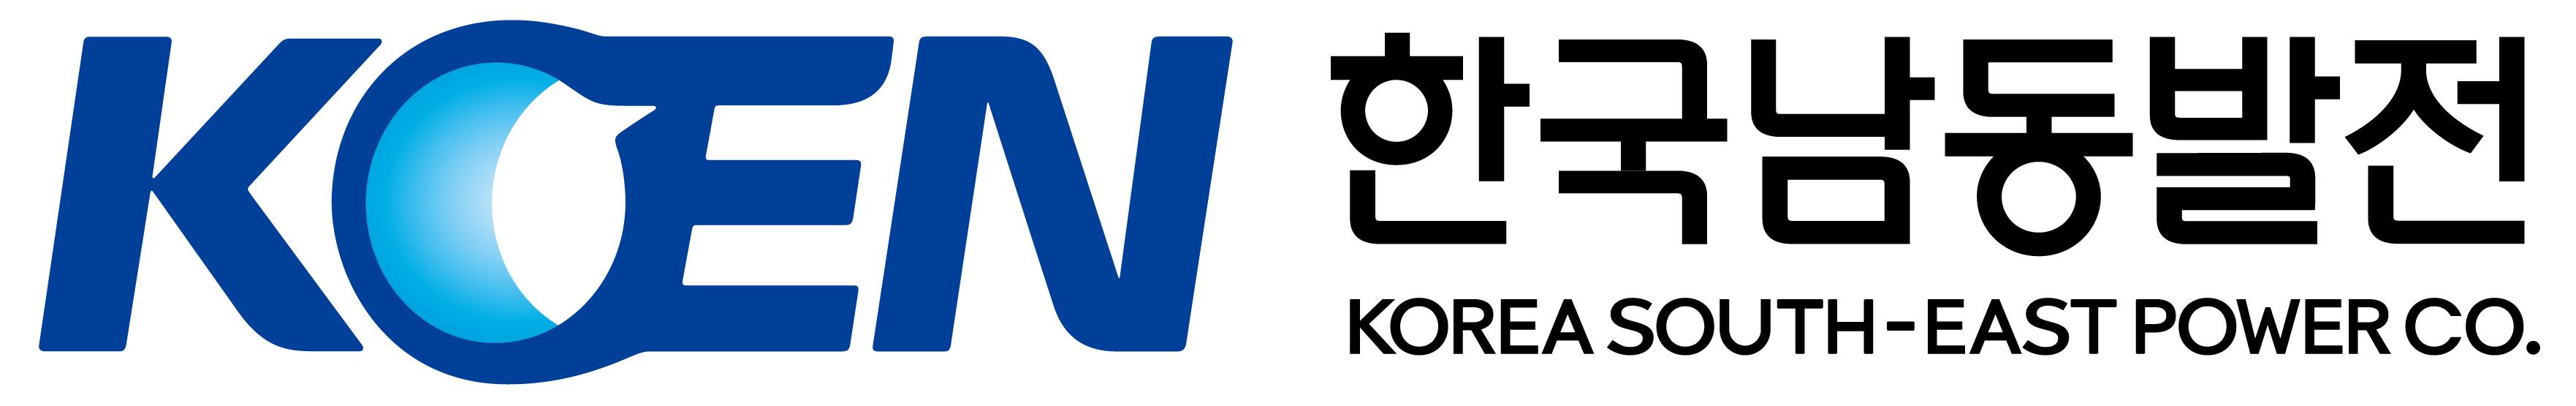 KOEN_logo_9